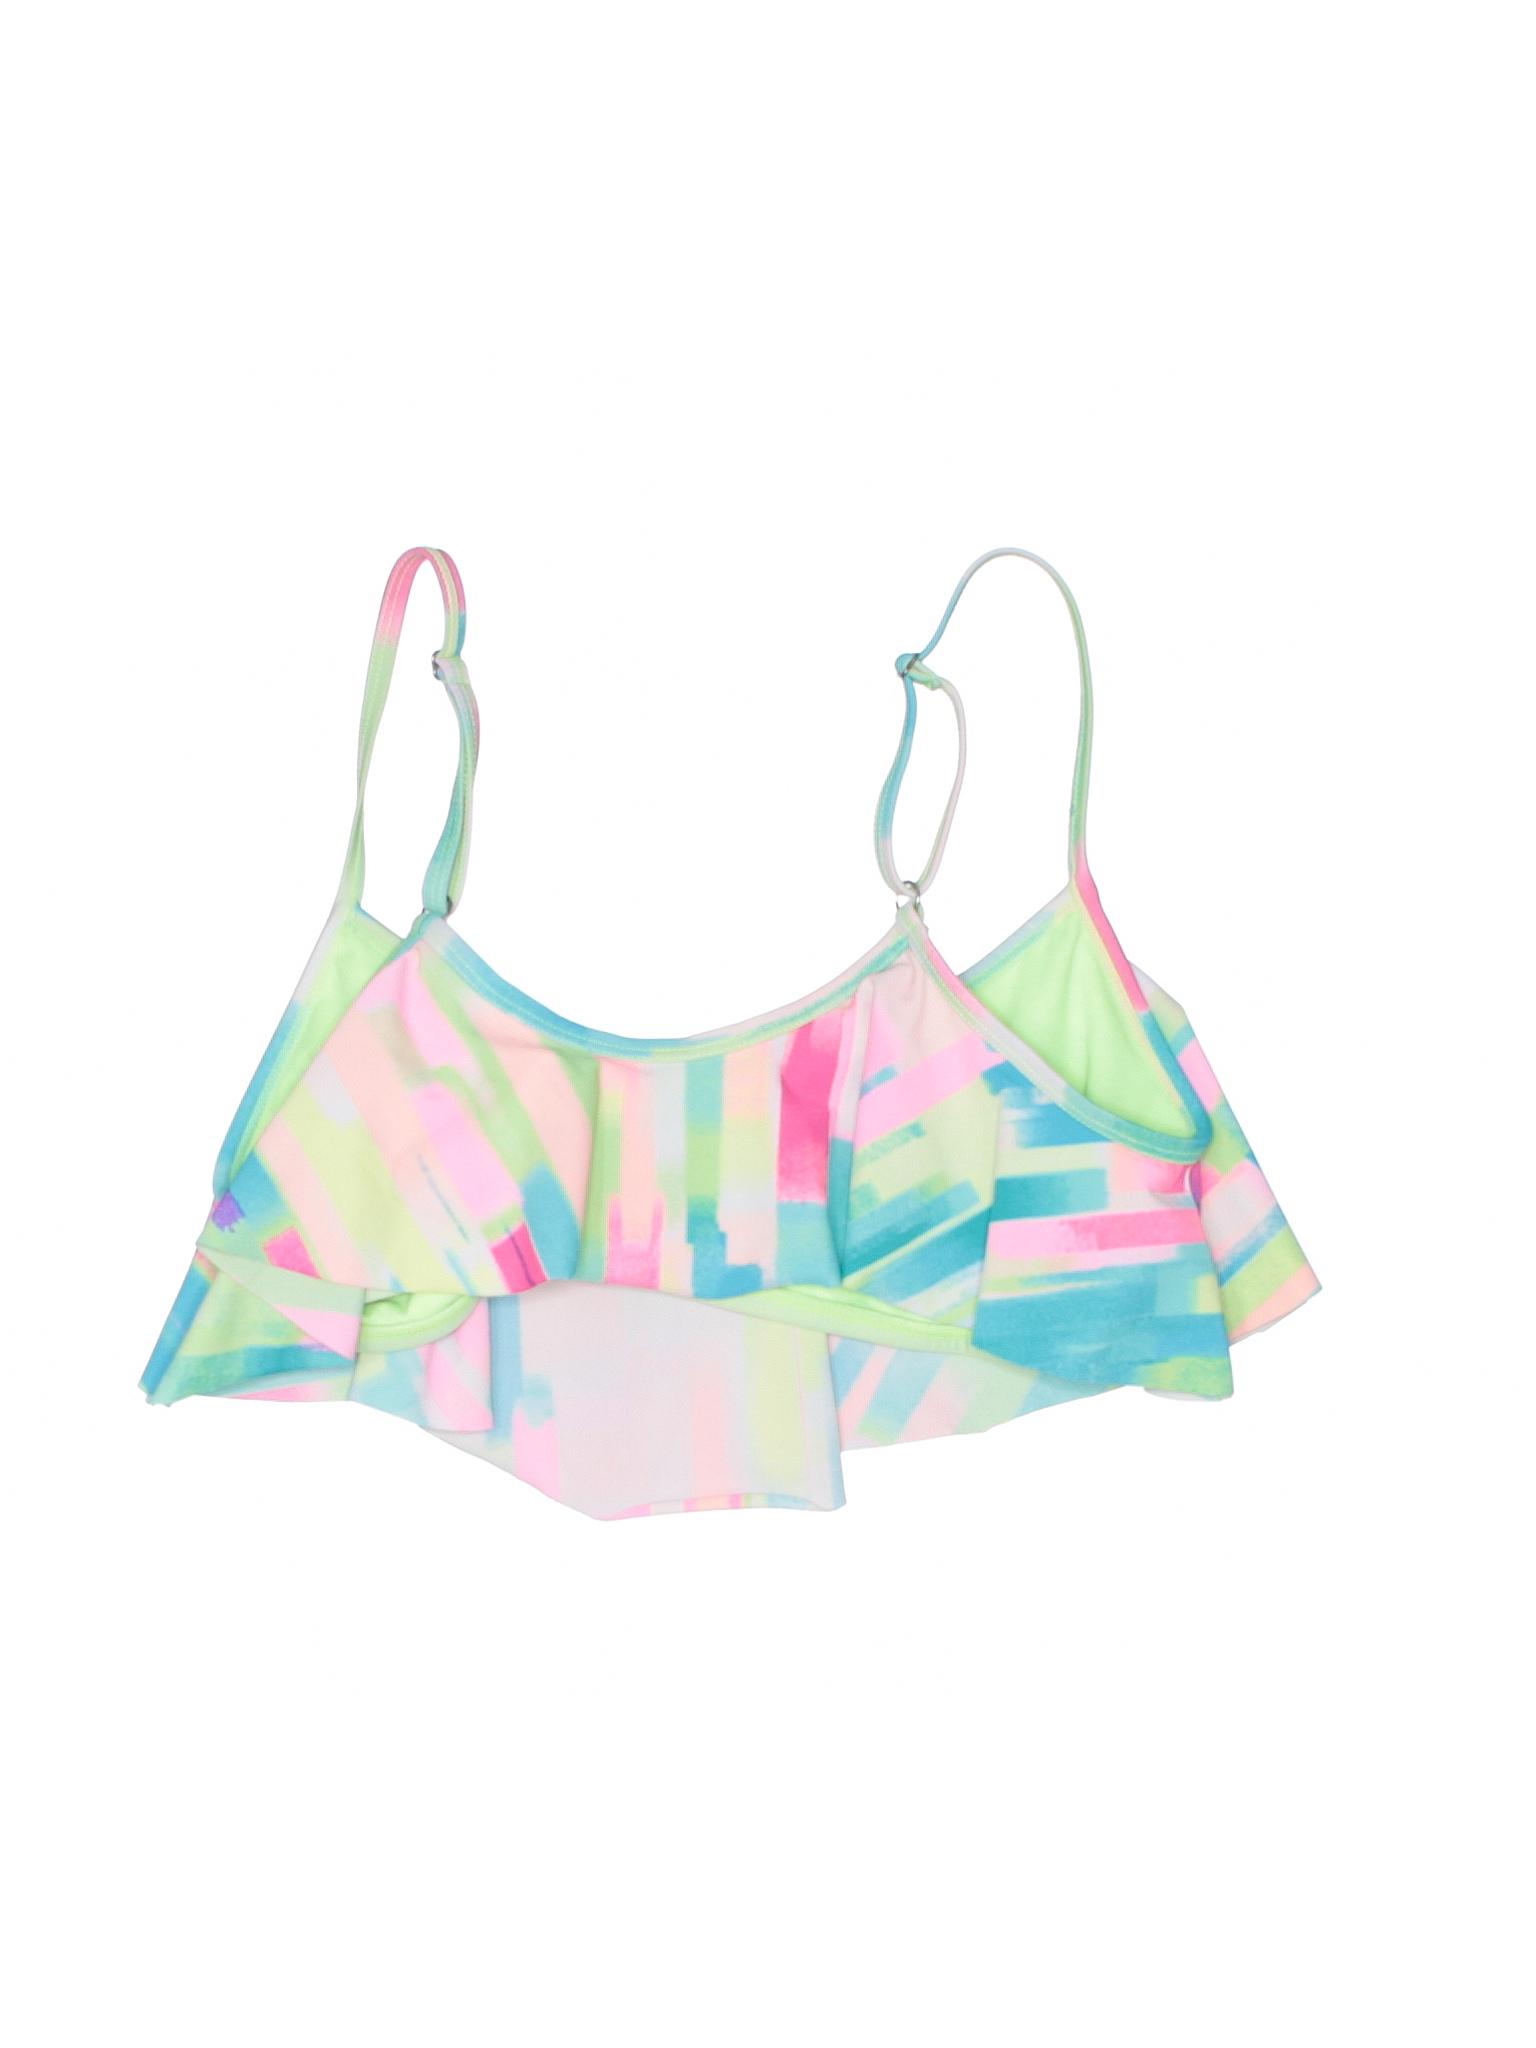 Boutique Xhilaration Boutique Top Xhilaration Swimsuit EBw5WUqU0S